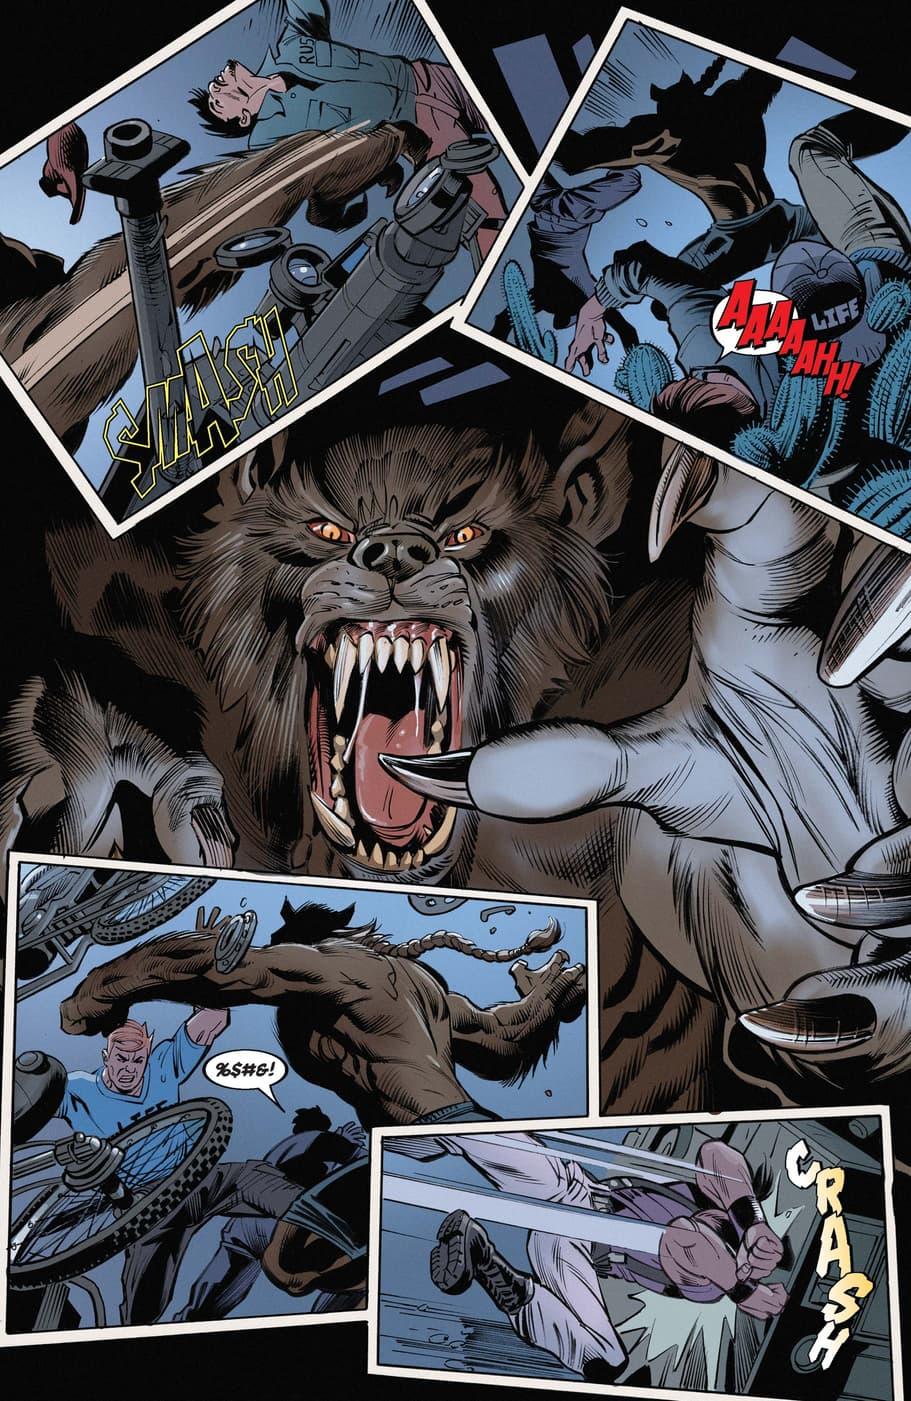 Werewolf by Night attacks in issue #1.